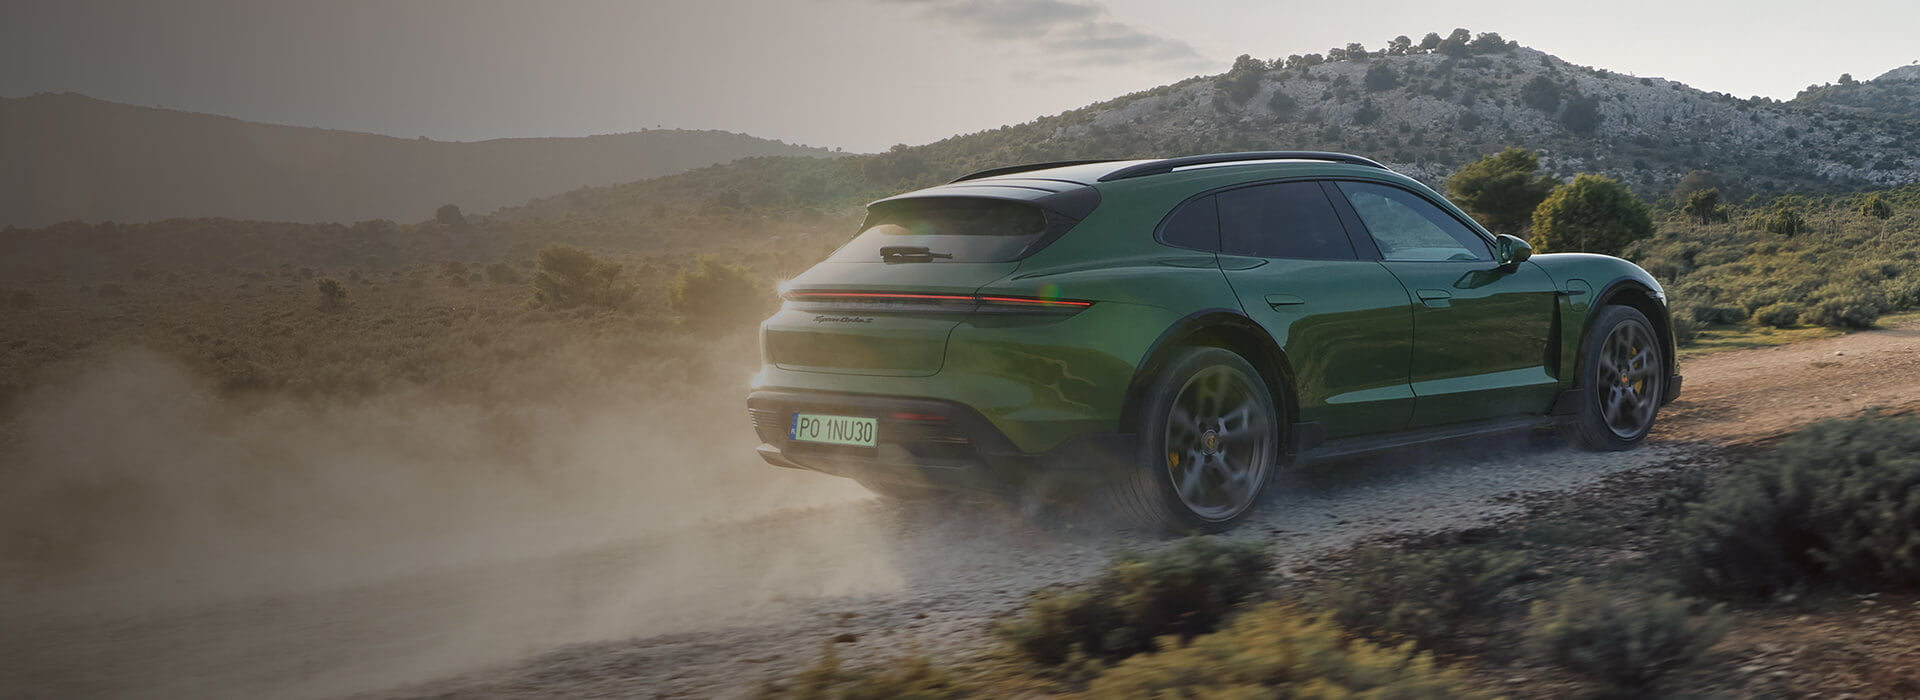 Porsche - Contact